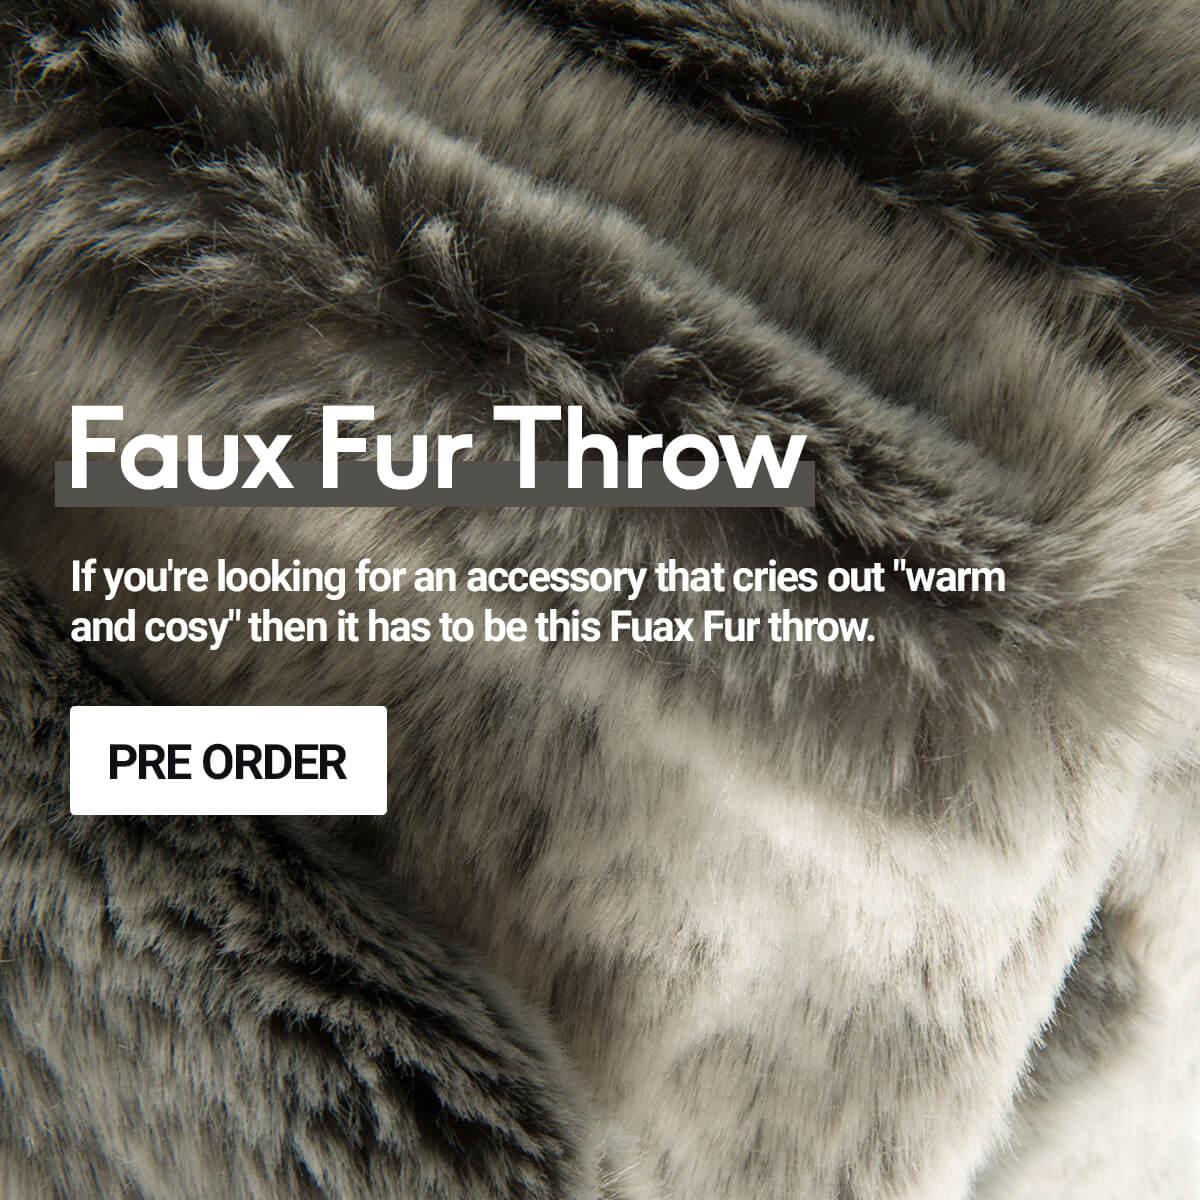 Faux Fur Throw - Pre Order